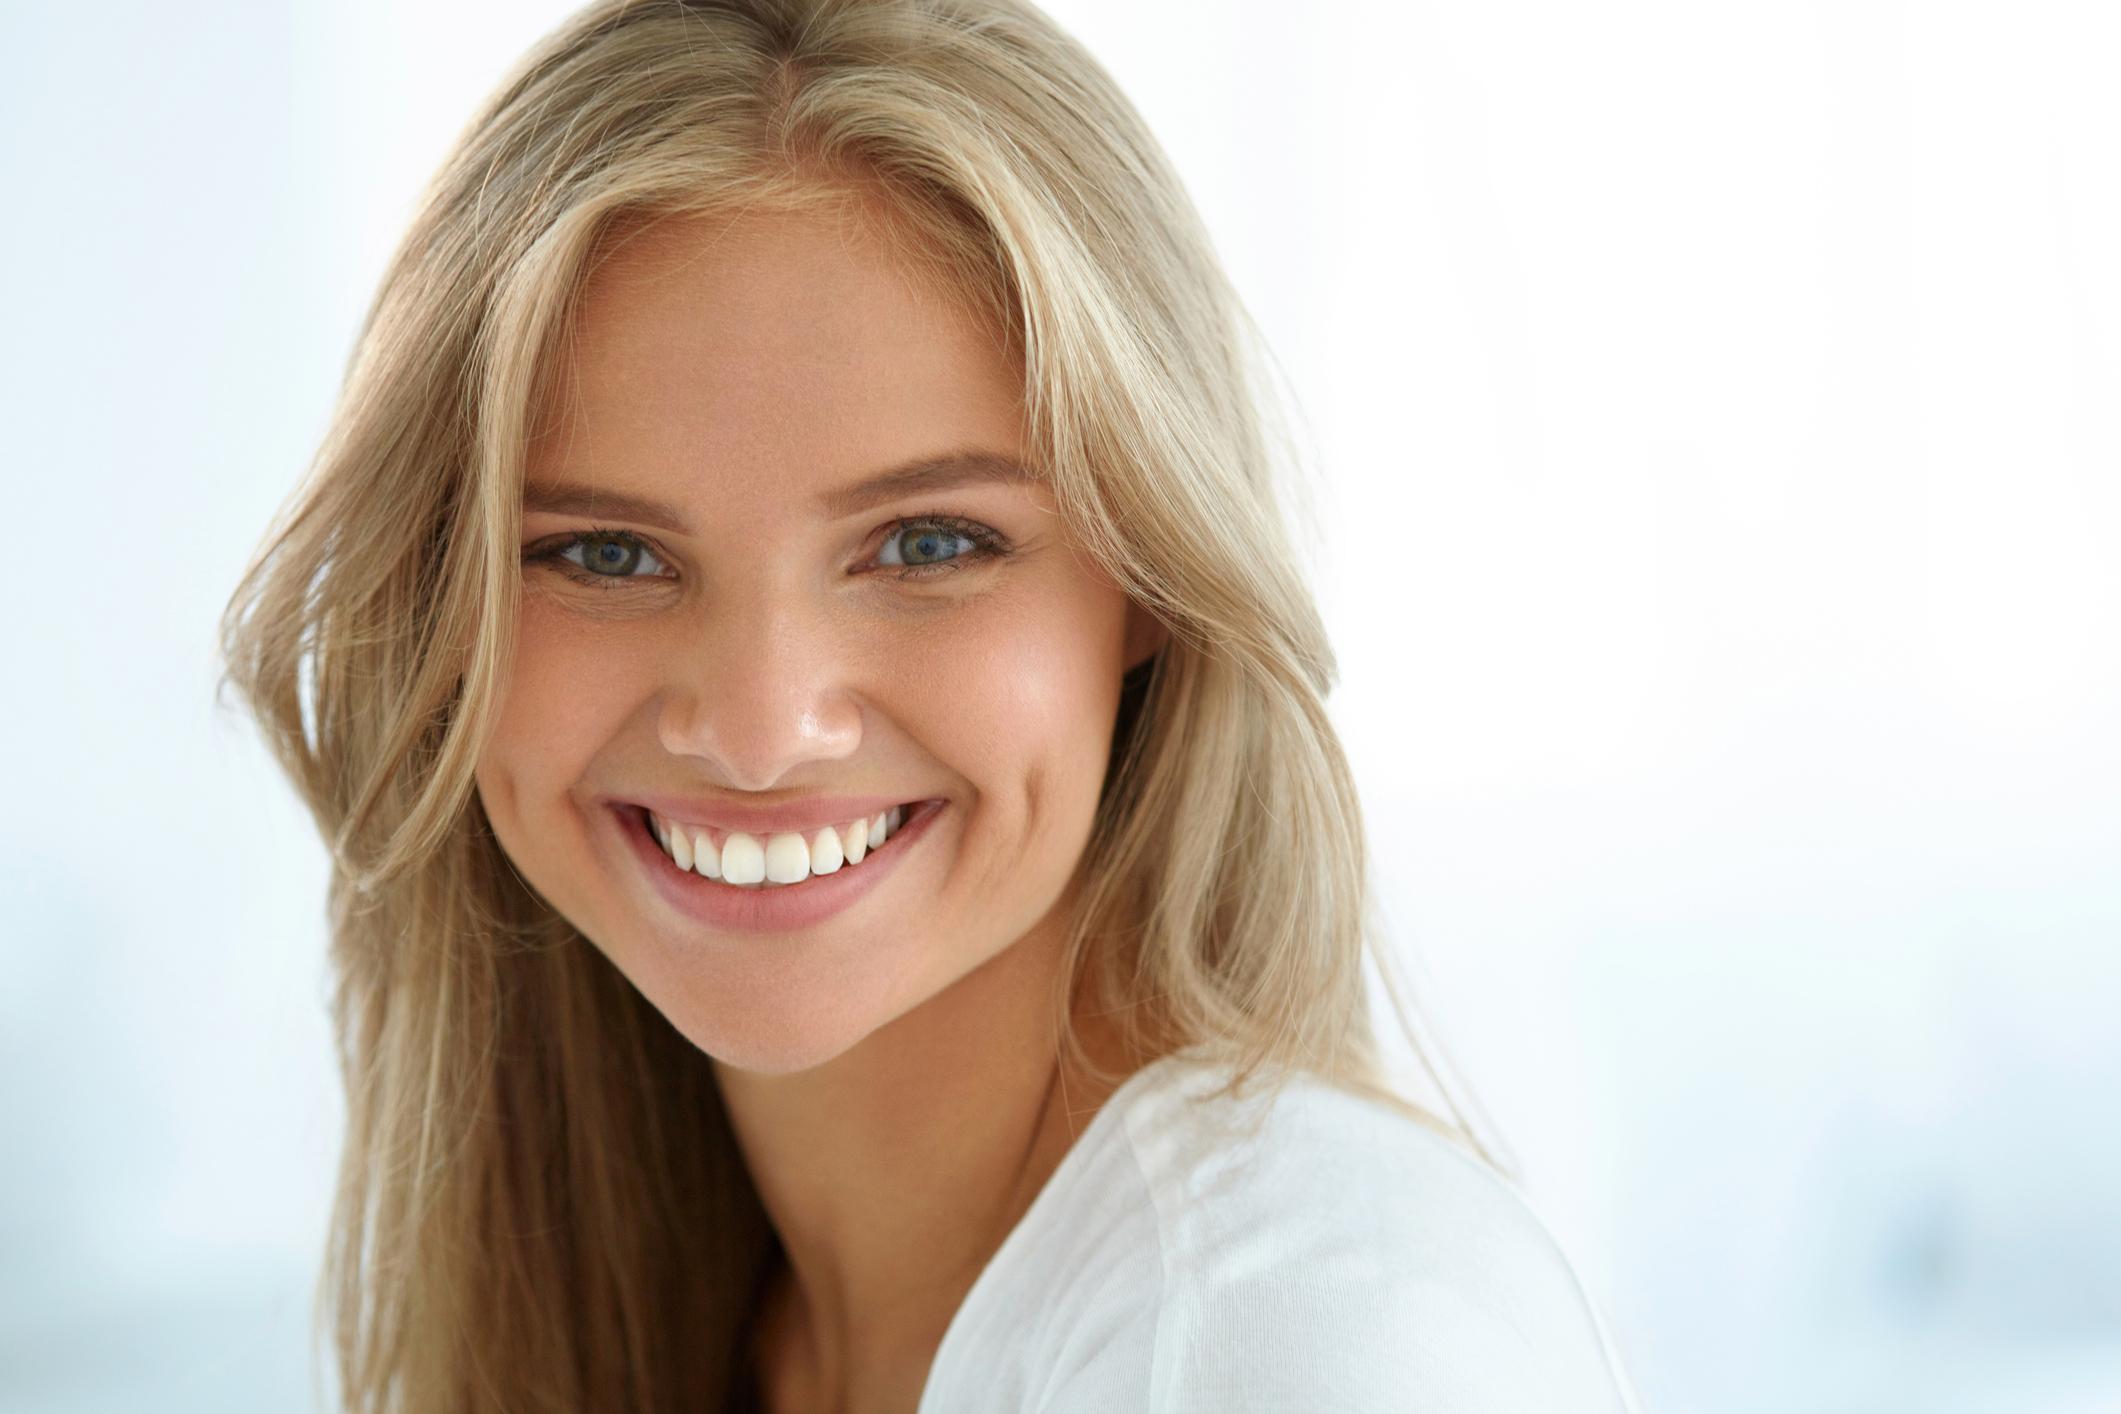 фасадной симпатичные женские улыбки стоковые фото можете